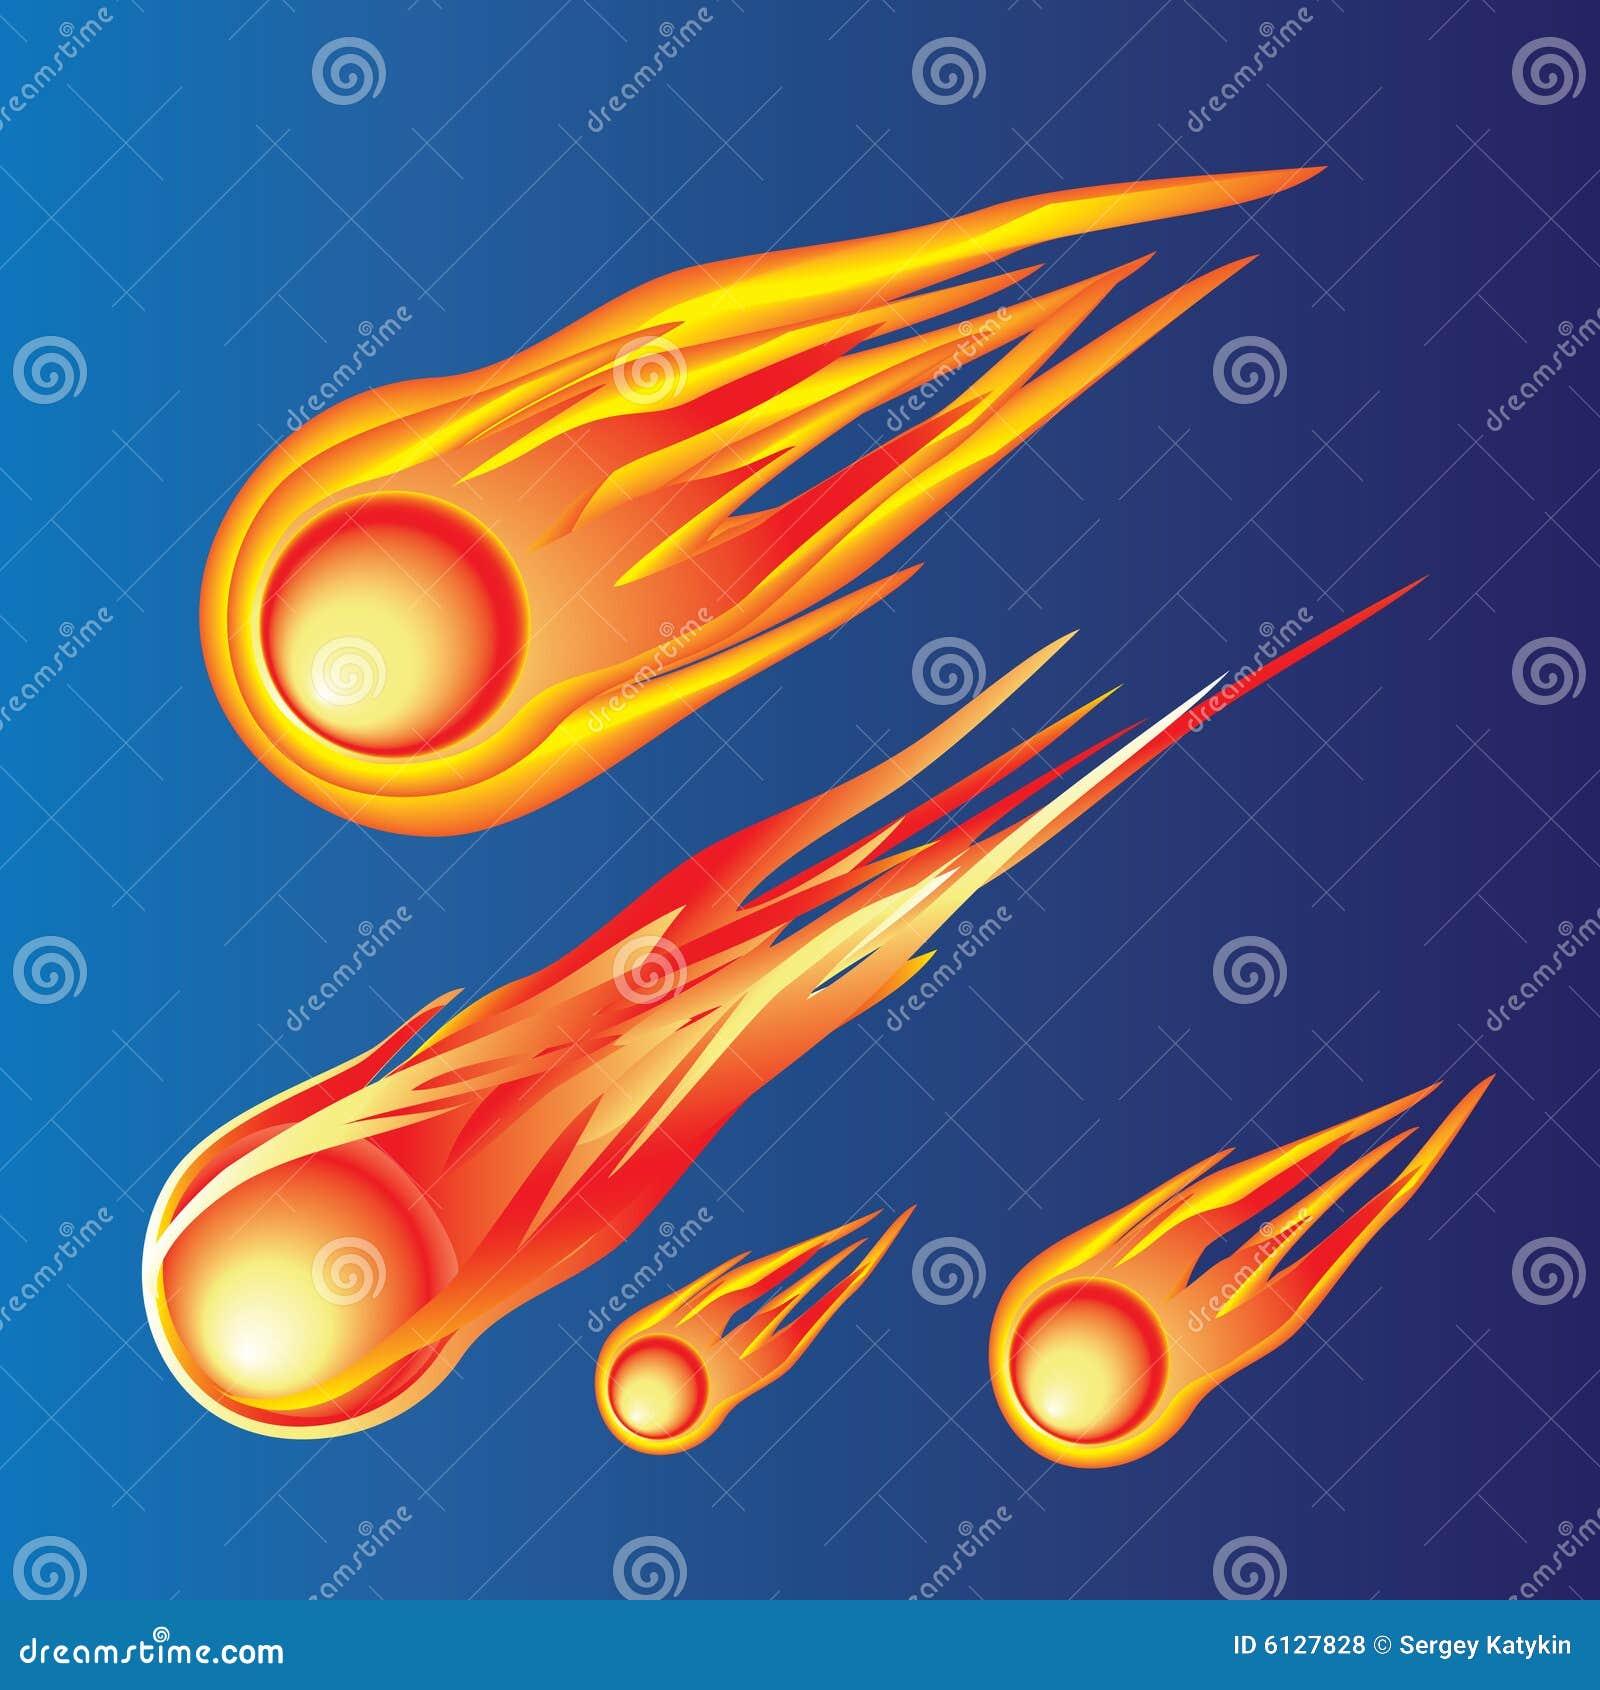 A fiery ball.